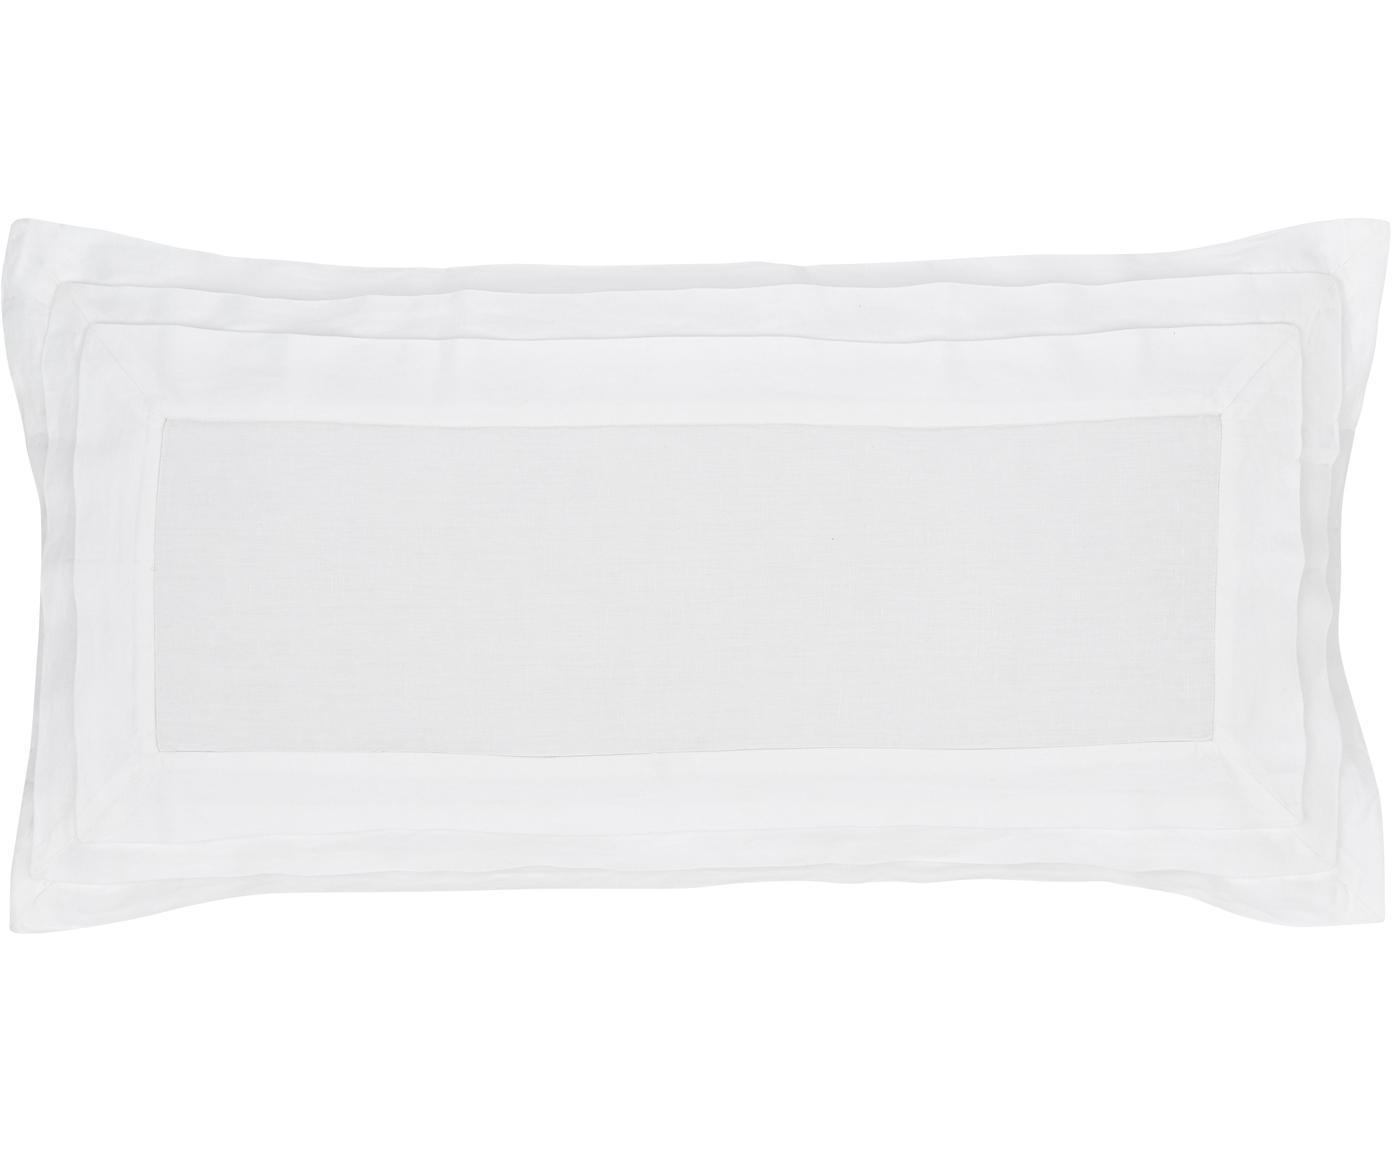 Gewaschene Leinen-Kissenbezüge Helena in Weiß mit Stehsaum, 2 Stück, Halbleinen (52% Leinen, 48% Baumwolle)  Fadendichte 136 TC, Standard Qualität  Halbleinen hat von Natur aus einen kernigen Griff und einen natürlichen Knitterlook, der durch den Stonewash-Effekt verstärkt wird. Es absorbiert bis zu 35% Luftfeuchtigkeit, trocknet sehr schnell und wirkt in Sommernächten angenehm kühlend. Die hohe Reißfestigkeit macht Halbleinen scheuerfest und strapazierfähig., Weiß, 40 x 80 cm